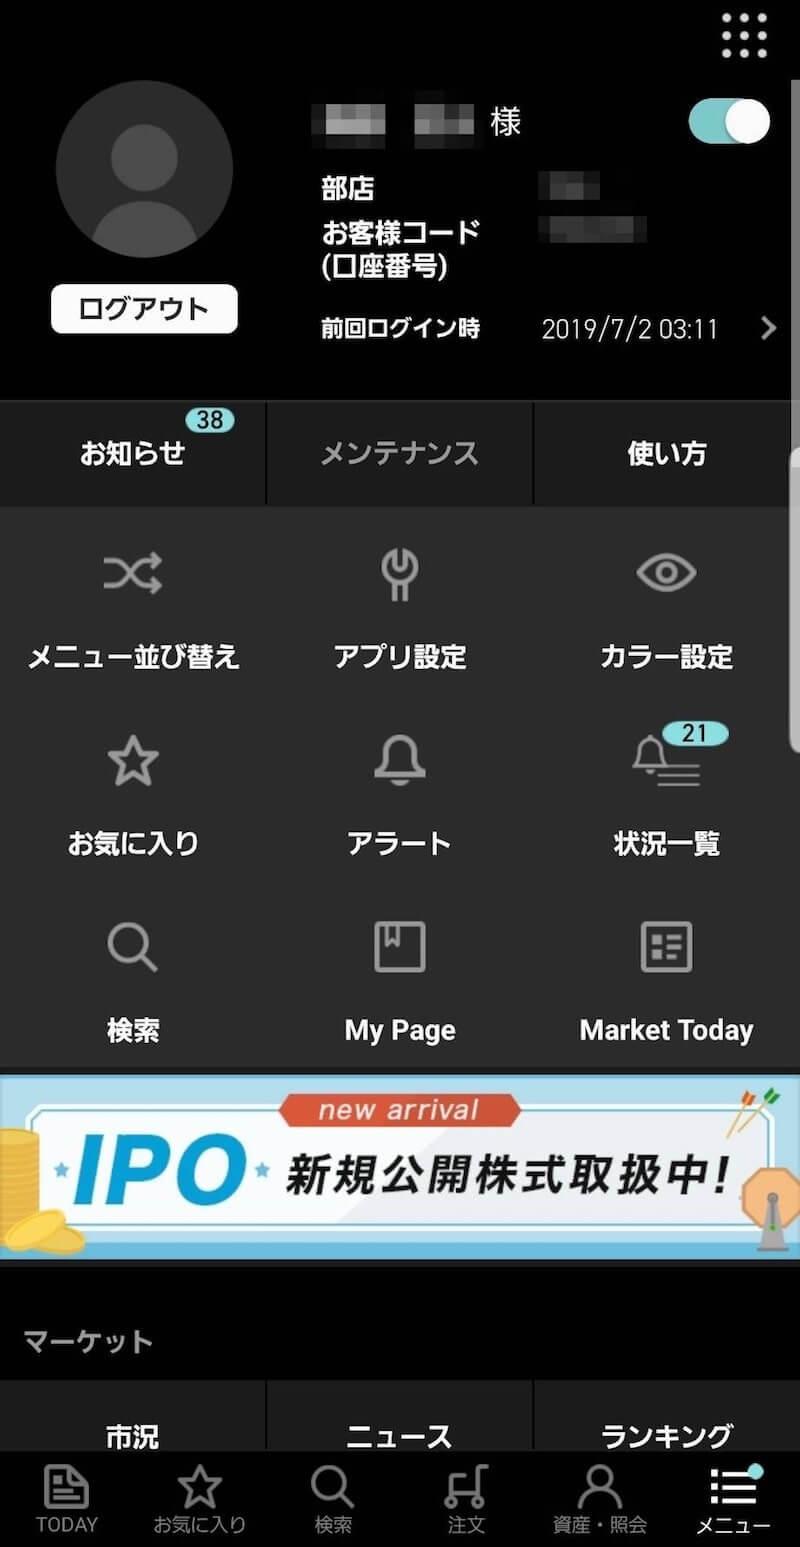 楽天証券アプリ「iSPEED」のメニュー